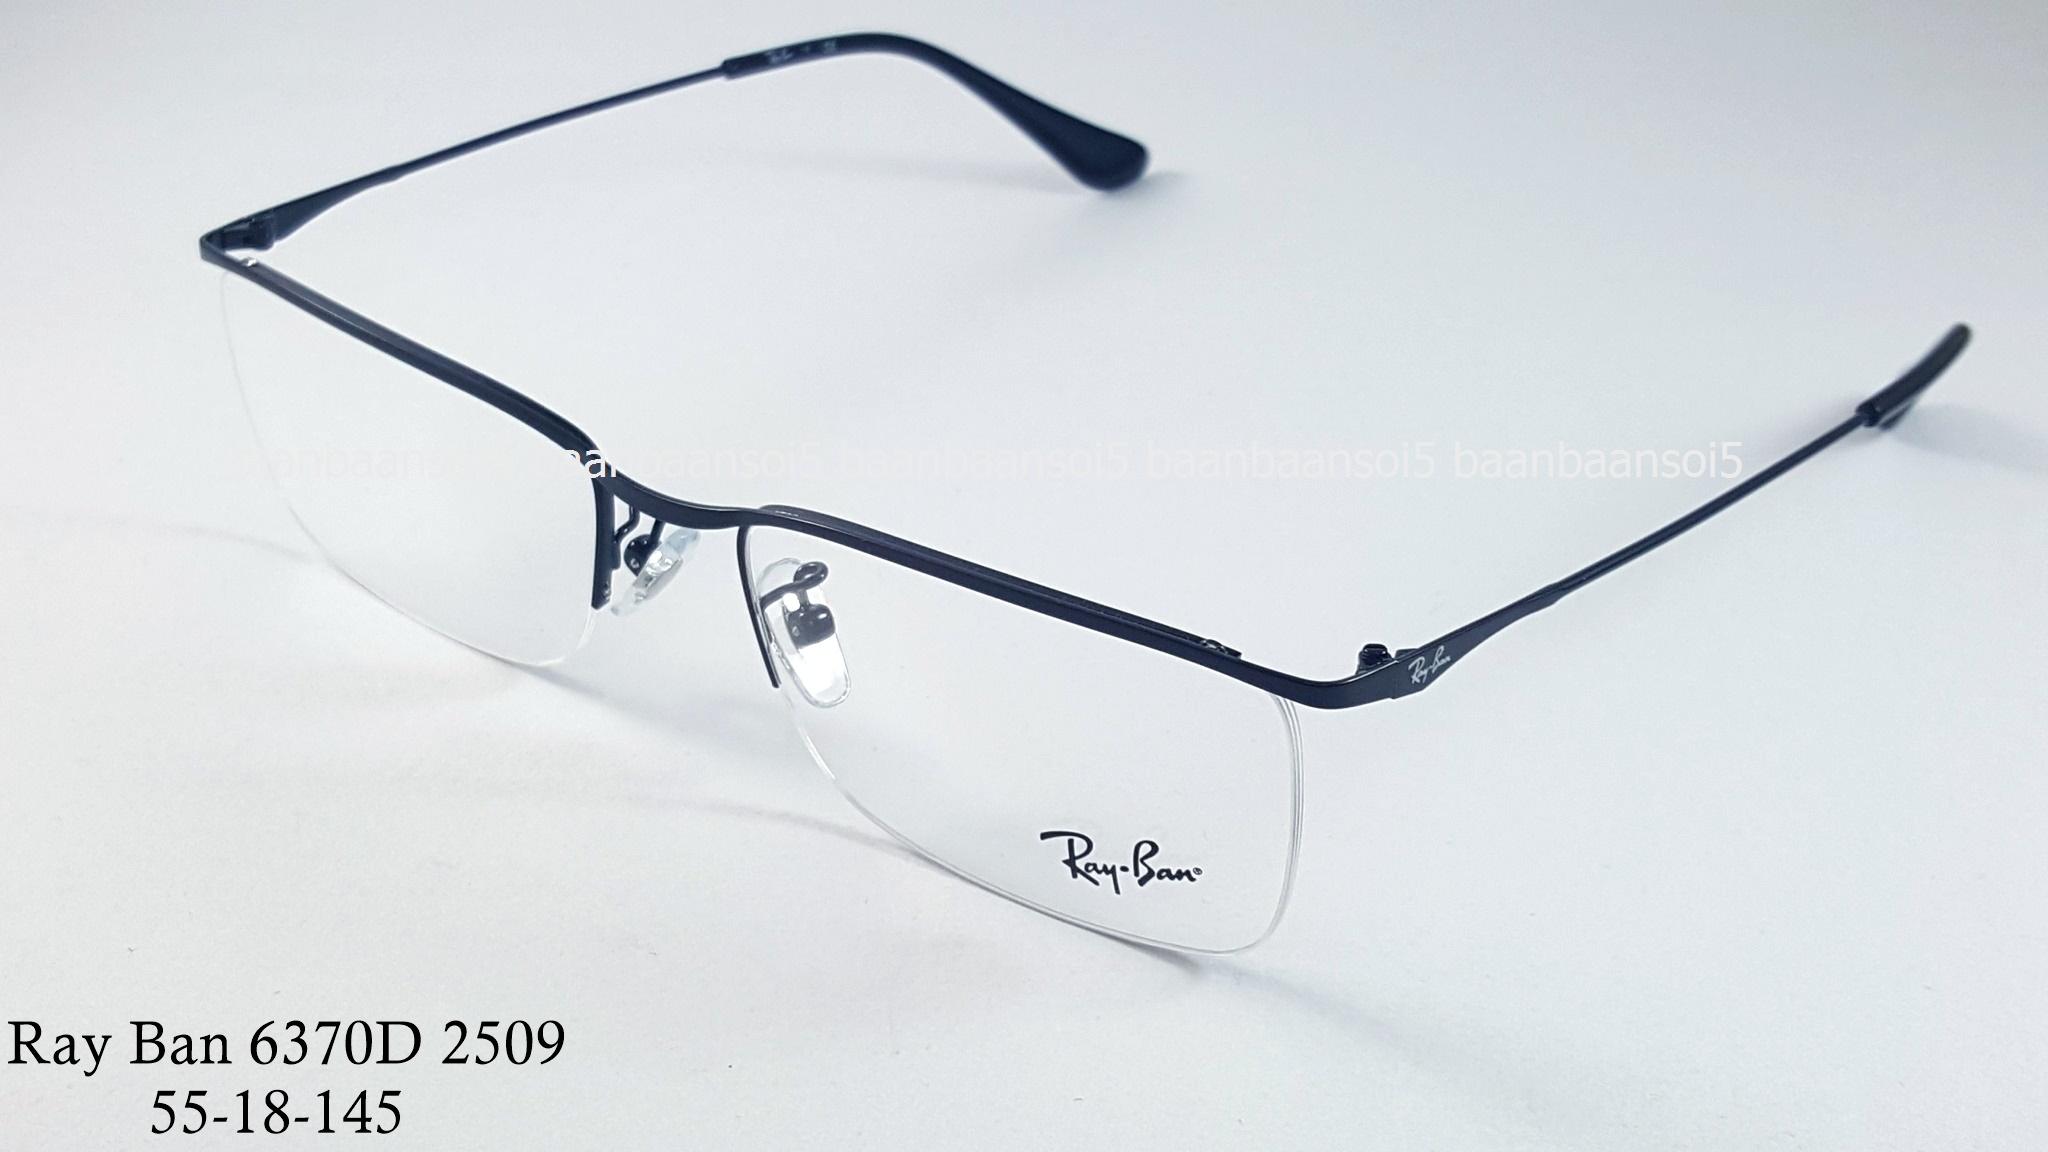 Rayban RX 6370D 2509 โปรโมชั่น กรอบแว่นตาพร้อมเลนส์ HOYA ราคา 3,400 บาท